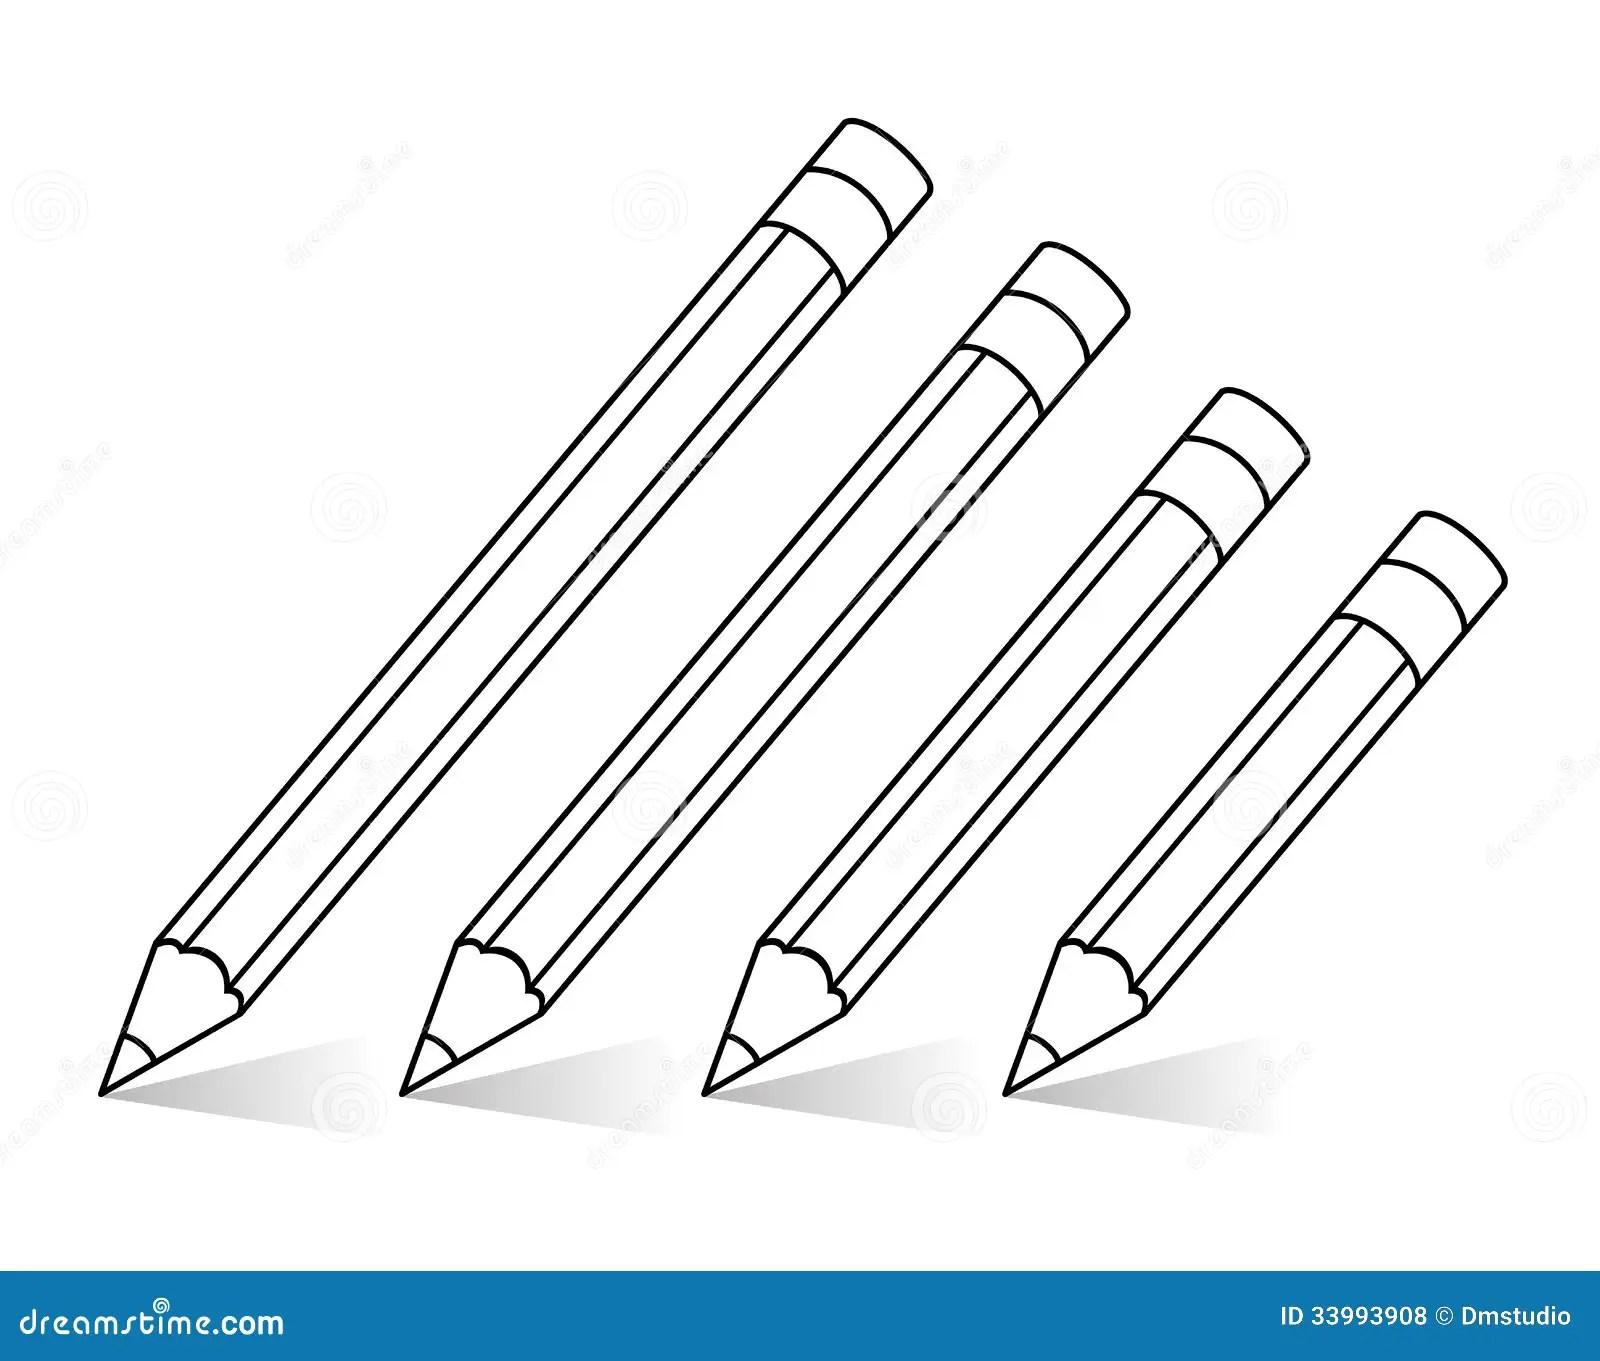 Vector Pencils Royalty Free Stock Photos